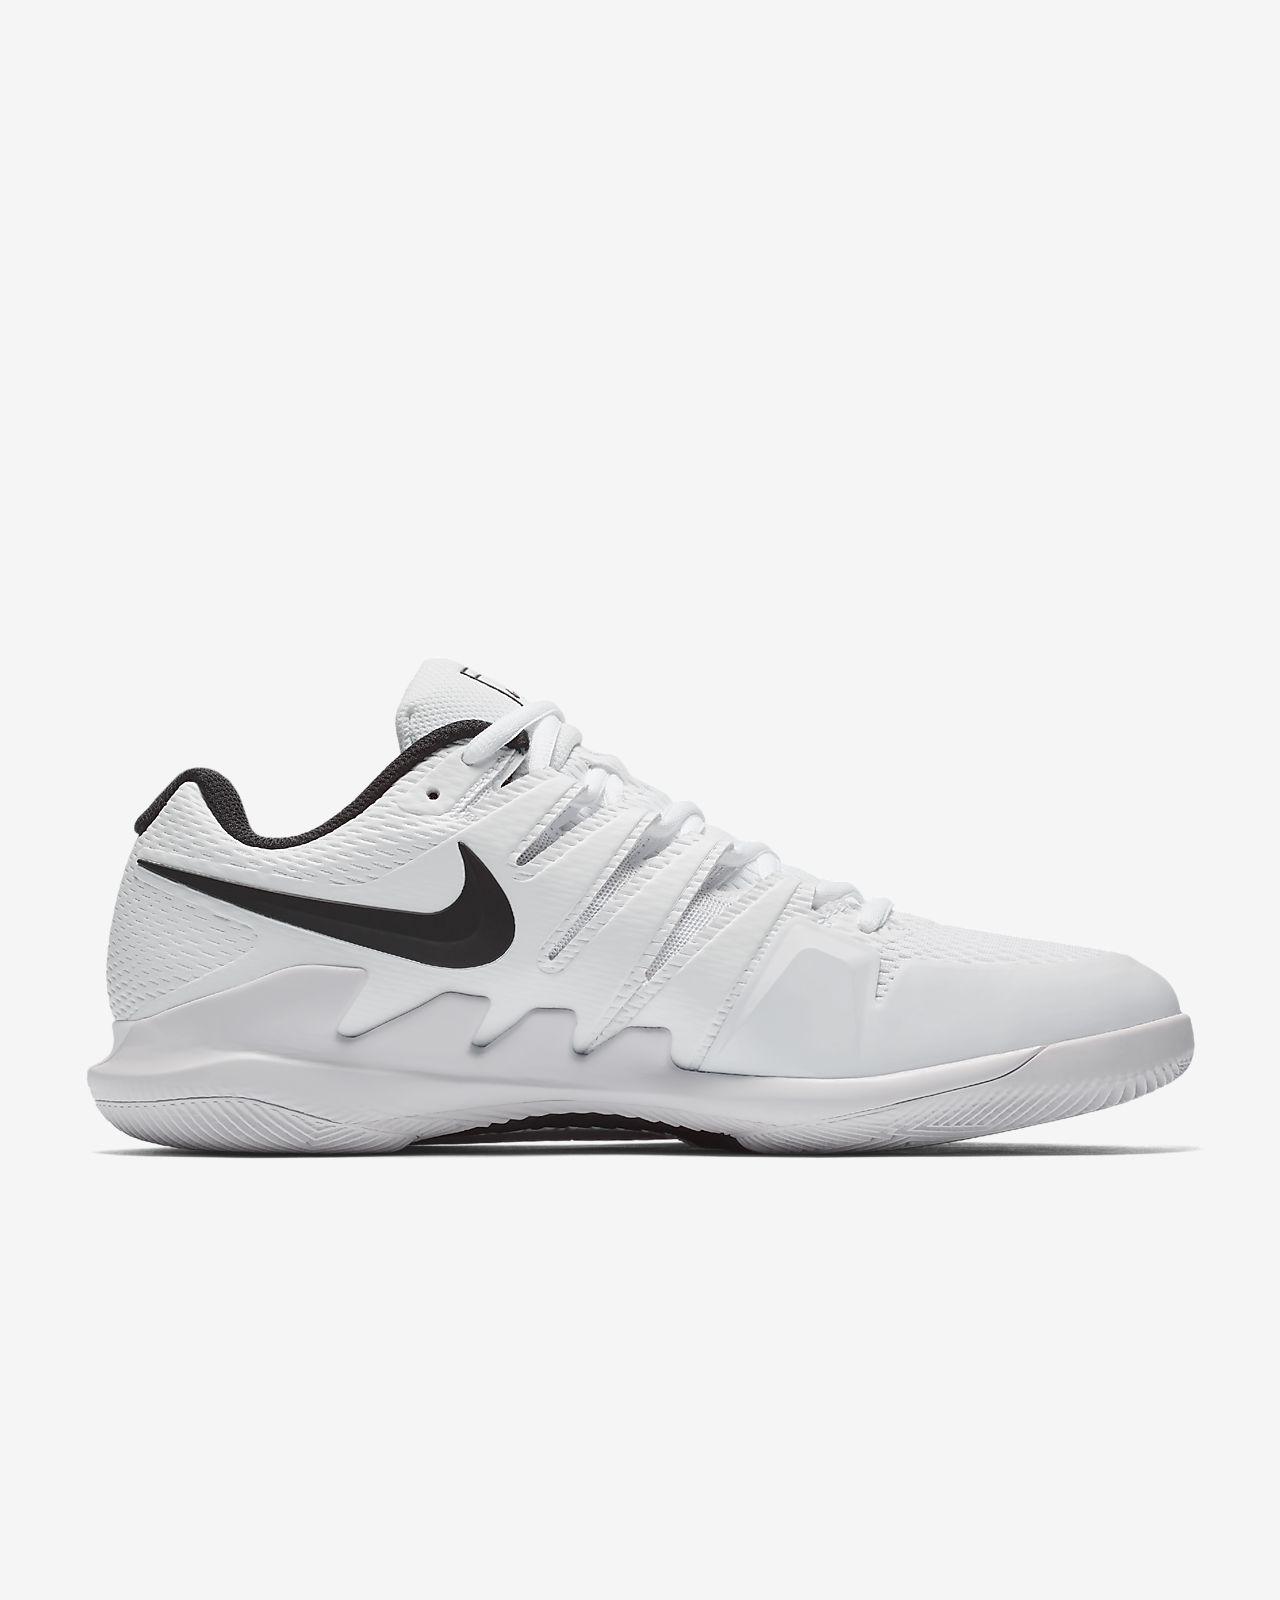 f237dcce0a188 Calzado de tenis para hombre Nike Air Zoom Vapor X HC. Nike.com MX